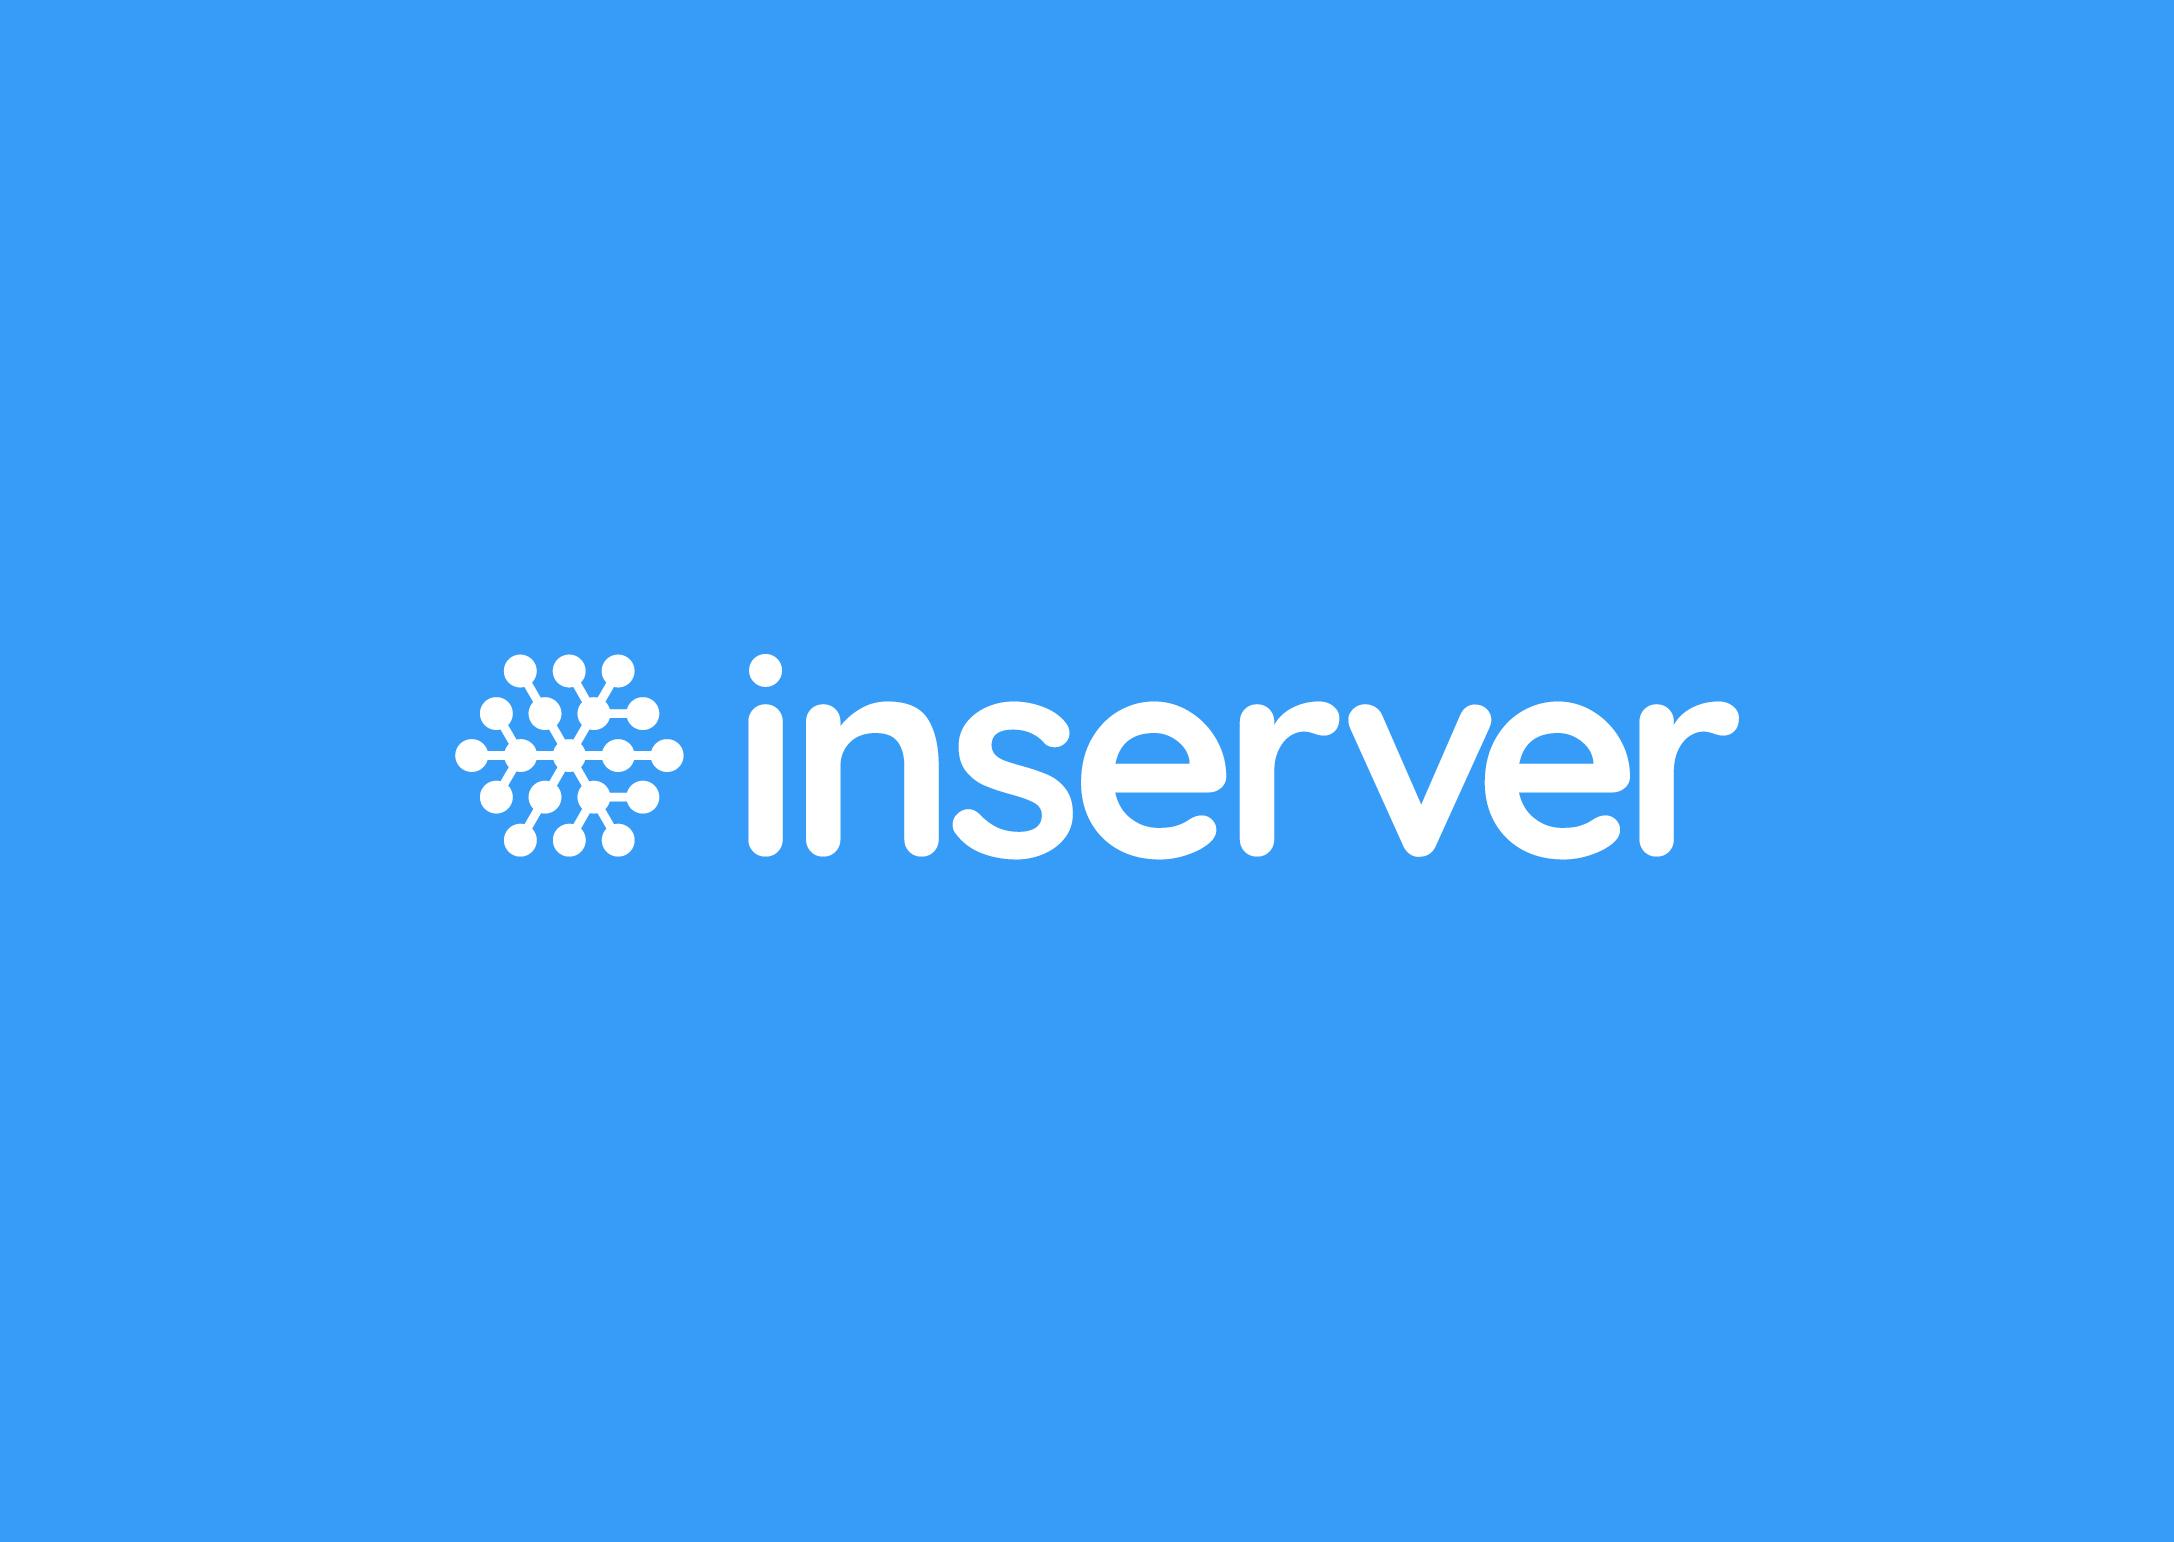 Presentamos nuestra nueva marca en INSERVER